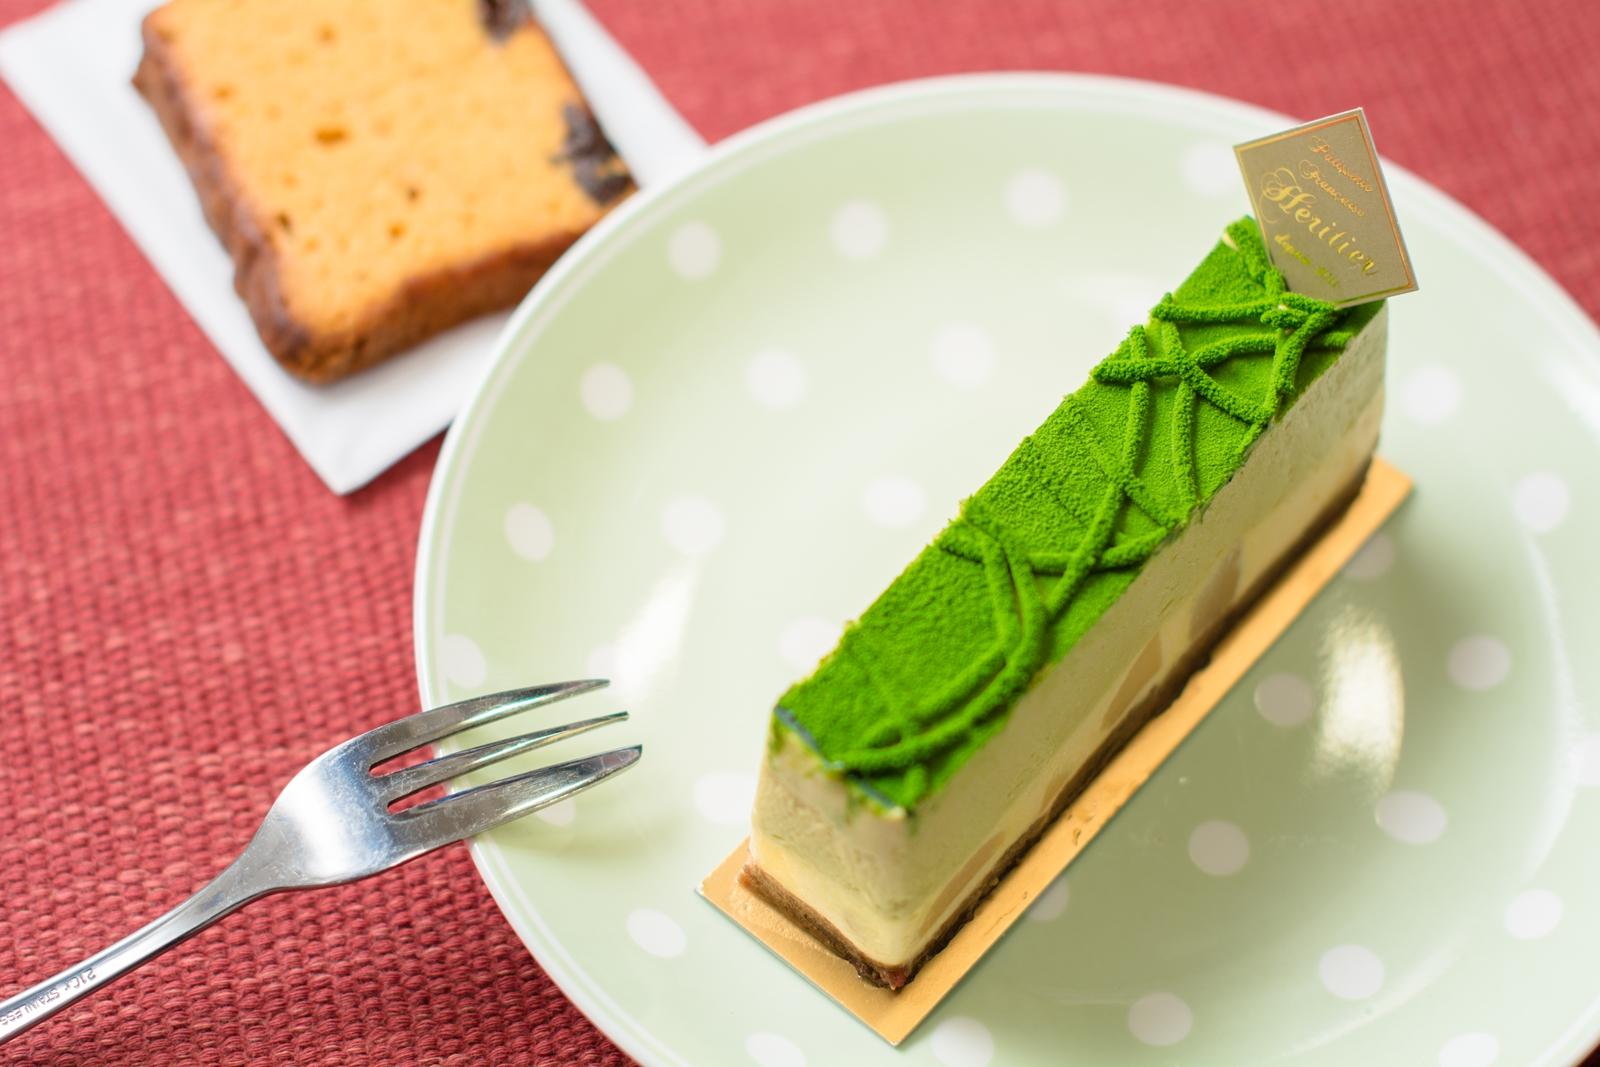 Photo: 「シシリー・ポワール」 フランス菓子 エリティエ  緑がとても綺麗な新作のムースケーキ♪ 上の層にはピスタチオのムースがたっぷりと その下は洋ナシのムース、 果実も入り、 合わせて蒸留酒も入っているそうで そのためか想像しているよりもとっても軽く 口に入れると爽やかに広がっていきました~♪ 底にはチョコの生地が敷かれていて こちらにはラム酒が使われ 最初はほんのり感じる程度でしたが その後に喉からす~っと感じる心地良い香りが 少し大人な味わいを楽しませてくれました☆  もう1品は「キャラメル・プリュノー」という 昨日の紹介に続いてこちらもパウンドケーキ♪ キャラメル味の生地はしっとりと その中に弾力のあるプルーン現れて 一噛み一噛み 心地良い香りと甘味が楽しめました^^  昨日に続いて、 月曜日はエリティエさんのケーキをもう一組 美味しくいただいていたのでご紹介です♪  「 +フランス菓子 エリティエ 」 < http://goo.gl/IwWEoa > #ごちそうフォト #cooljapan Nikon D7100 Nikon AF-S NIKKOR 50mm f/1.4G